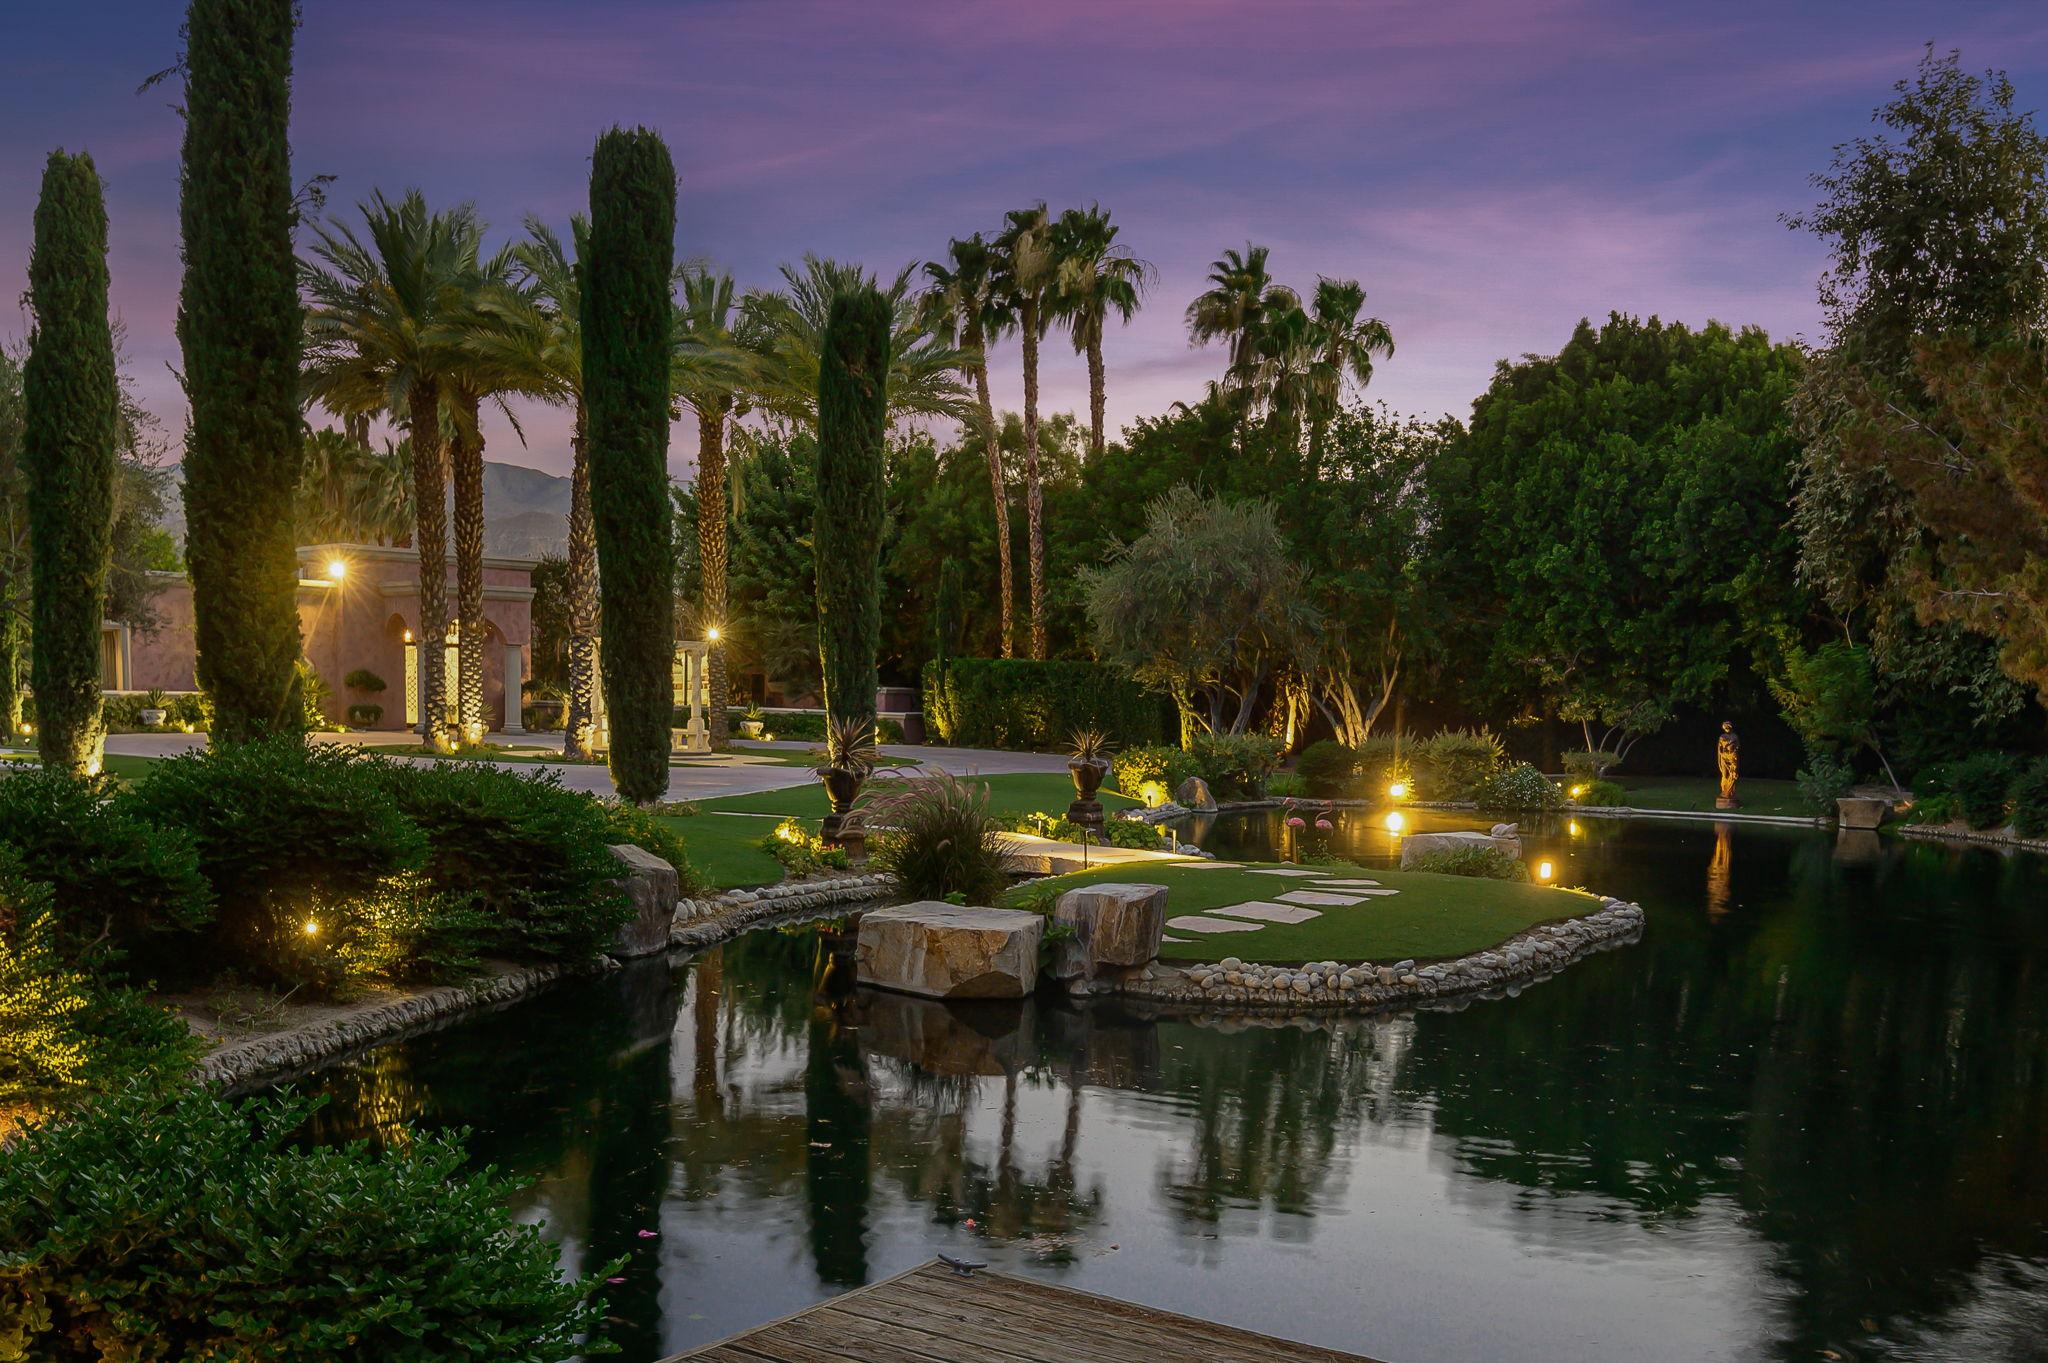 1+Von+Dehn+Rd+Rancho+Mirage-127-large.jpg